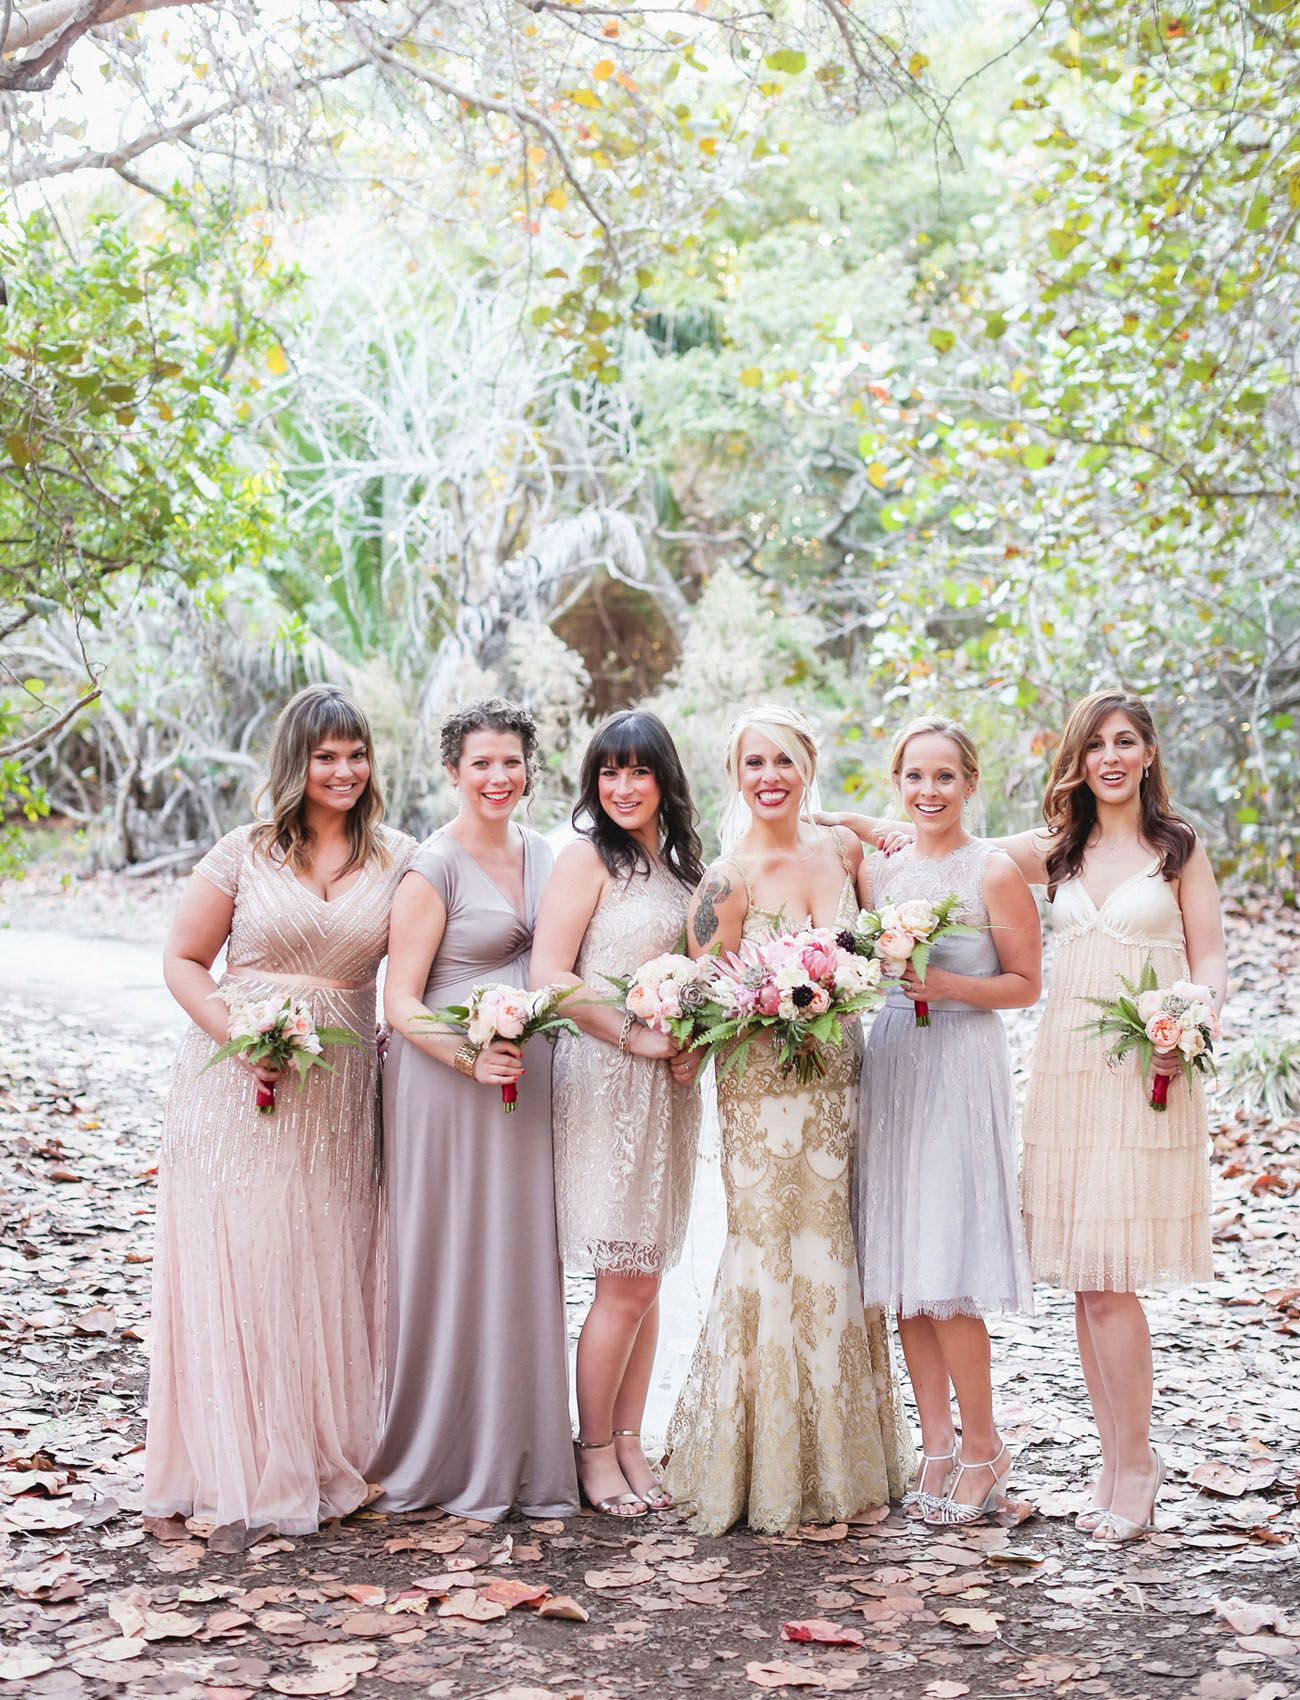 Brautjungfern in Creme und Grau